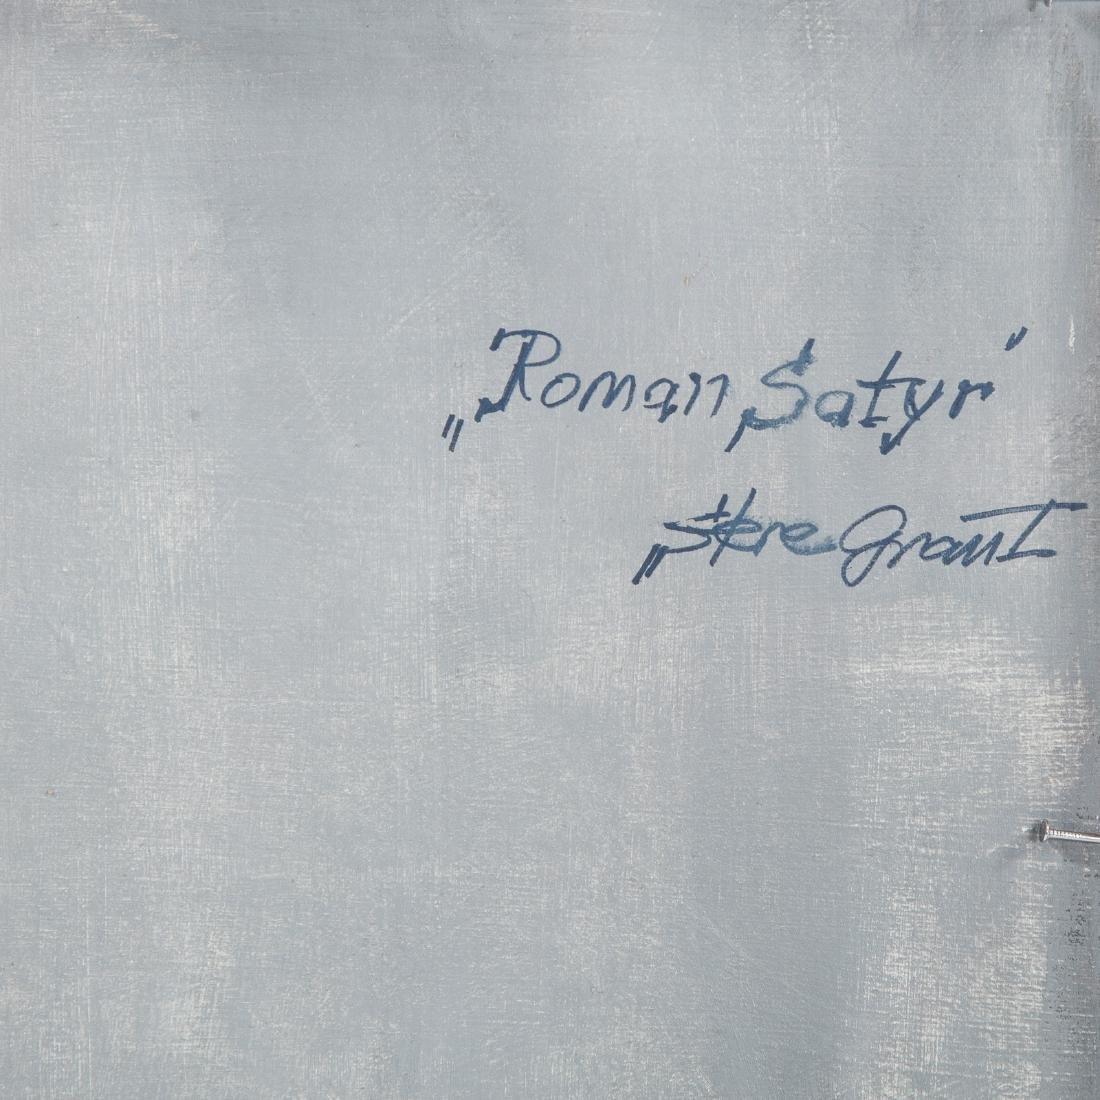 """Stere Grant. """"Roman Satyr,"""" oil on board - 5"""